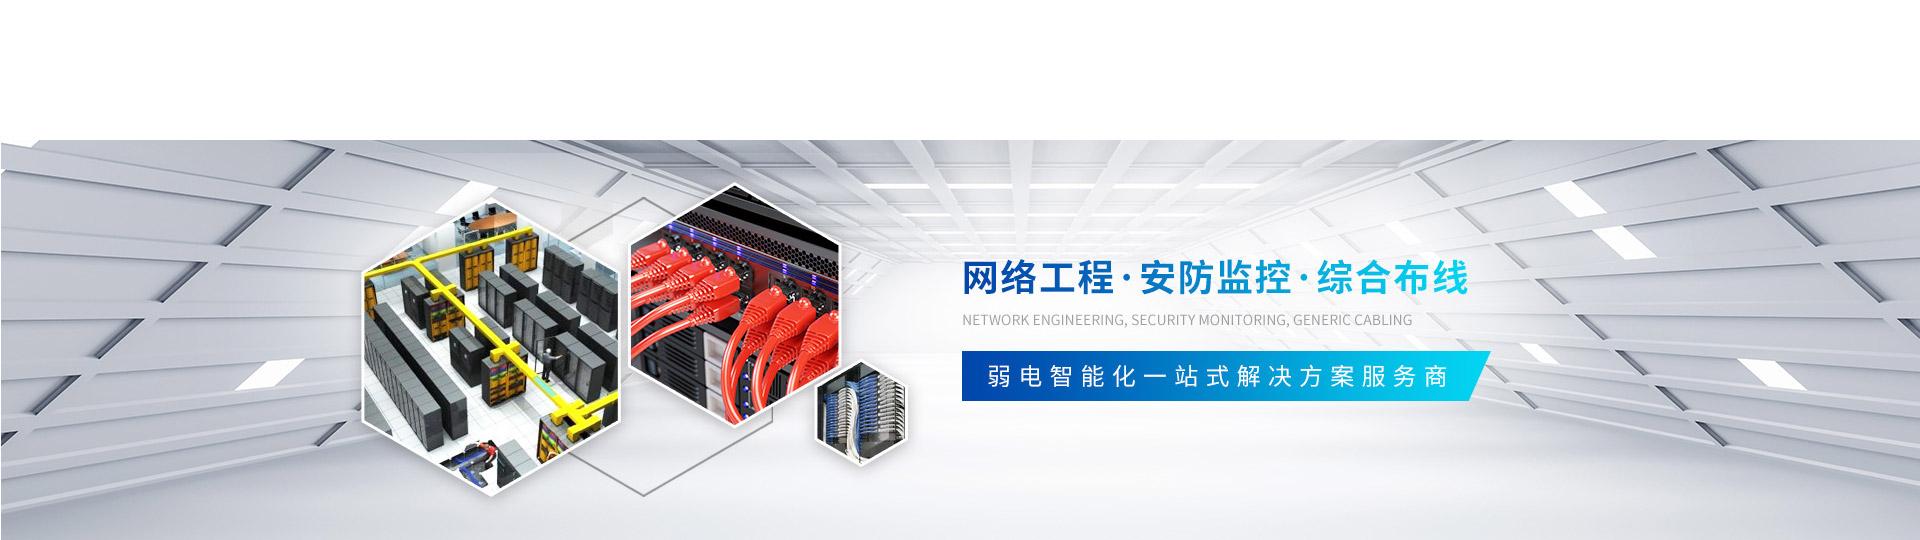 轩辕宏迈-网络工程·安防监控·综合布线